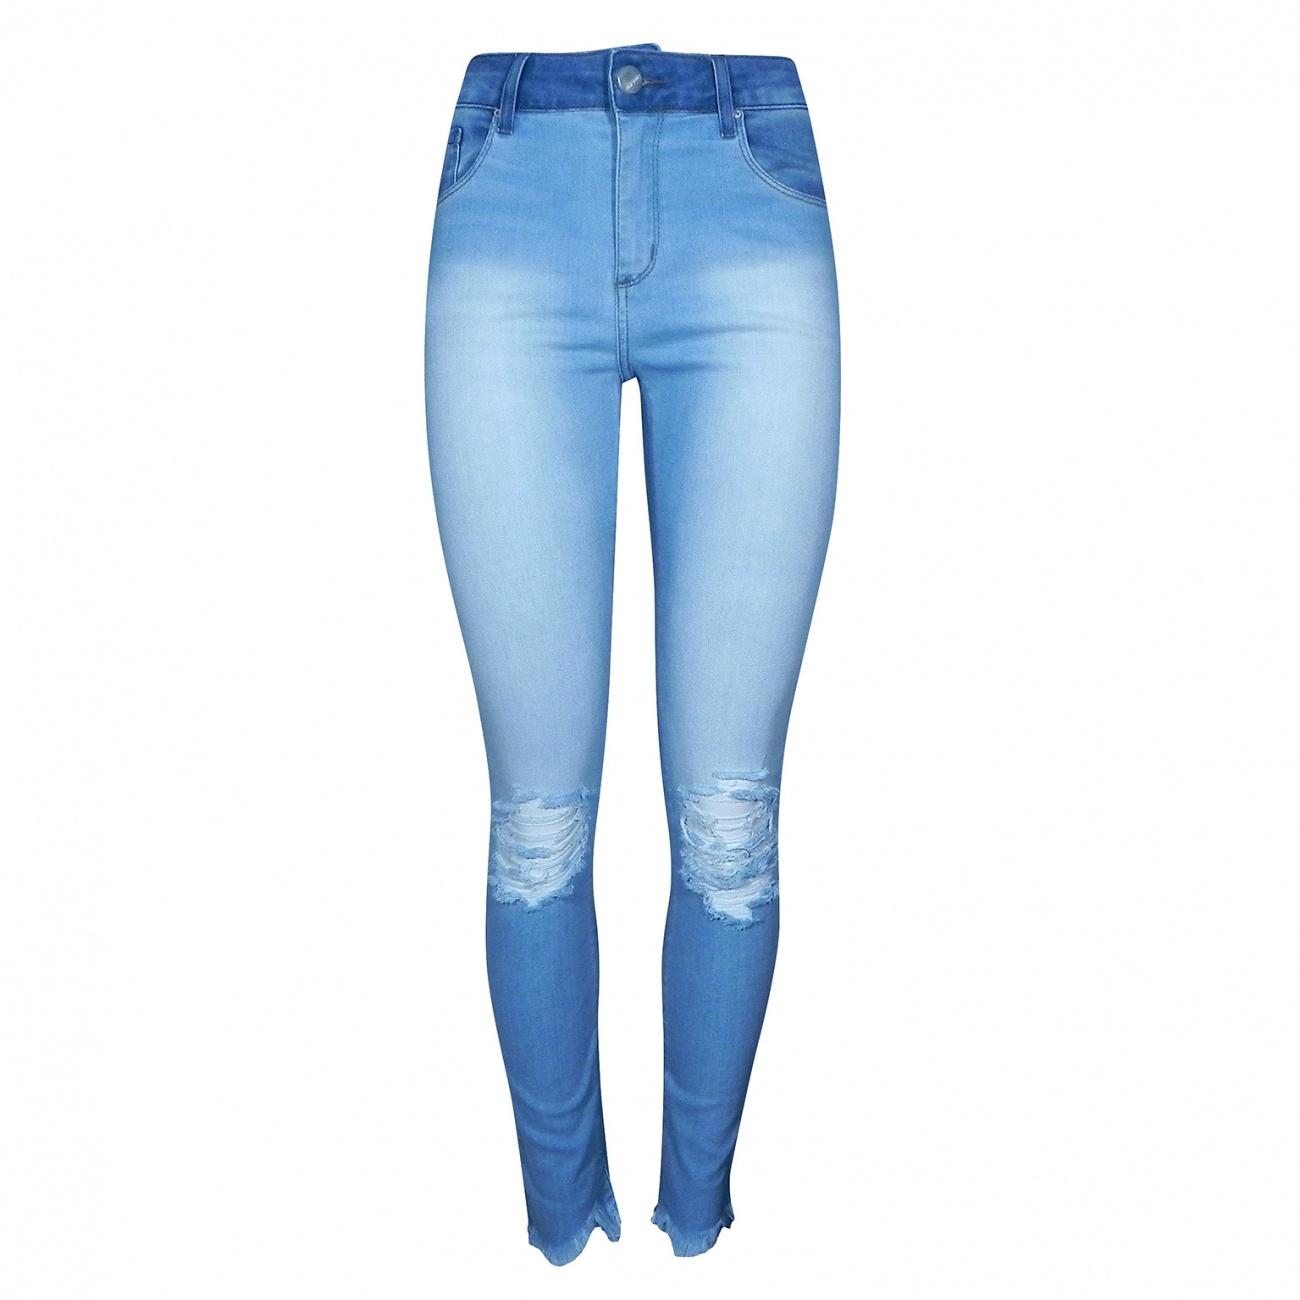 779fa35d6 Calça Jeans Skinny Its & Co - Pole Modas